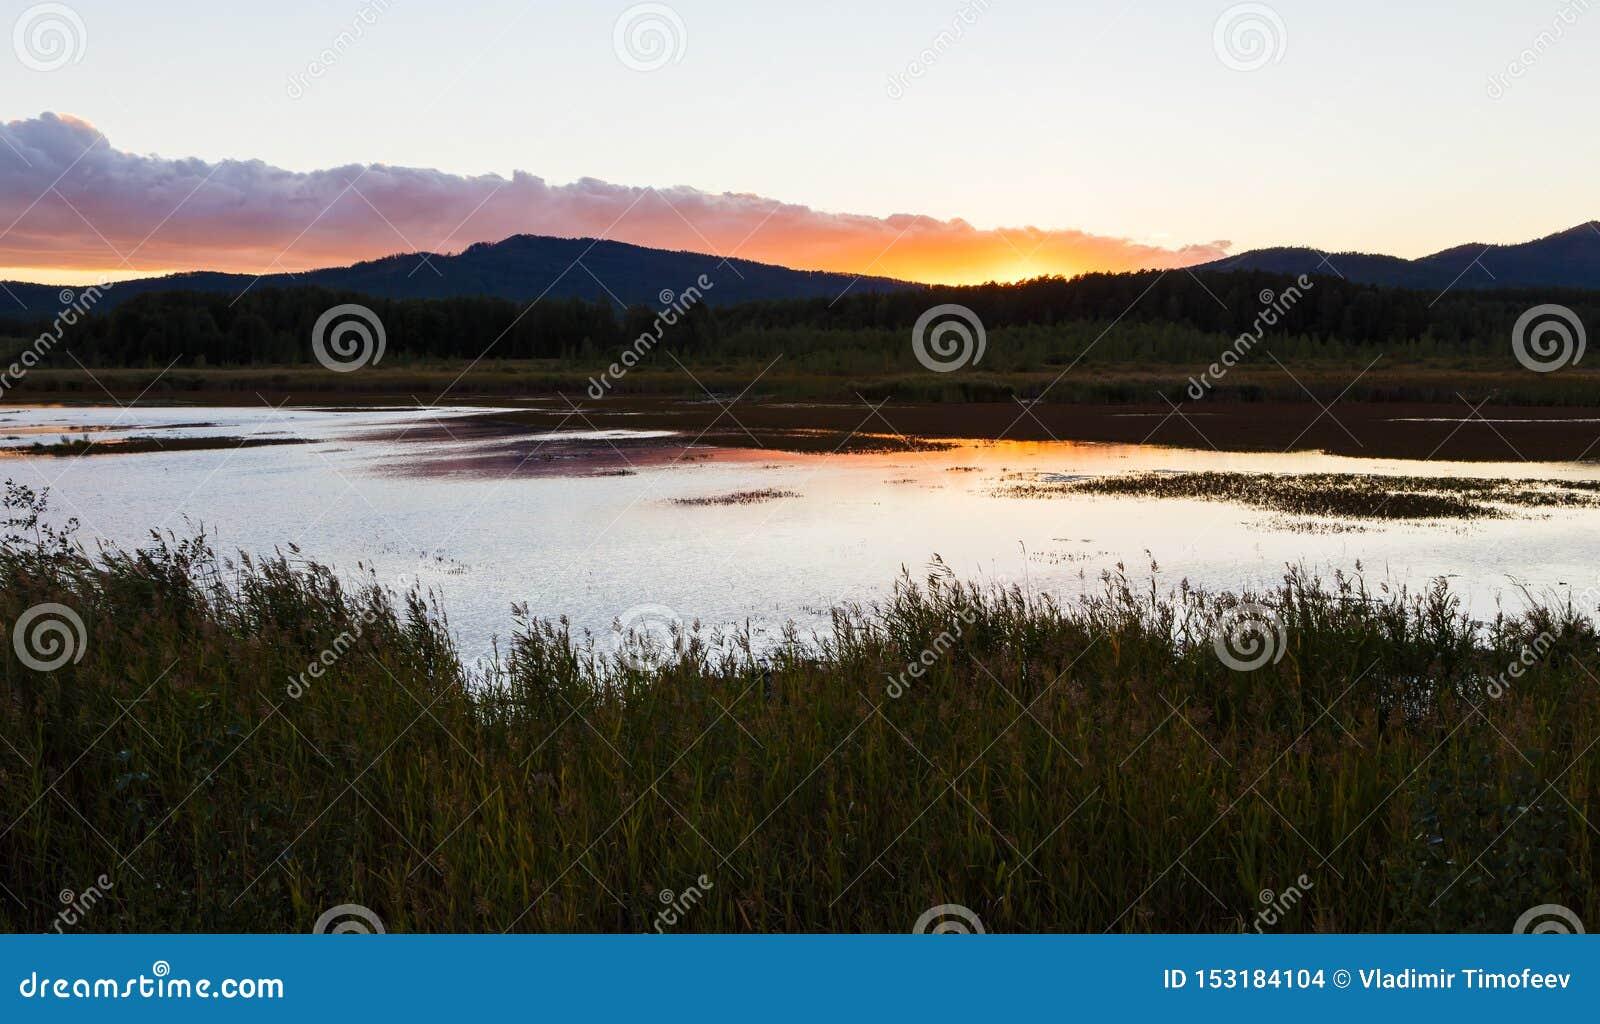 Lato krajobraz z rzecznym spływaniem między zielonymi wzgórzami na tle kolorowy zmierzchu niebo Ural region, Rosja